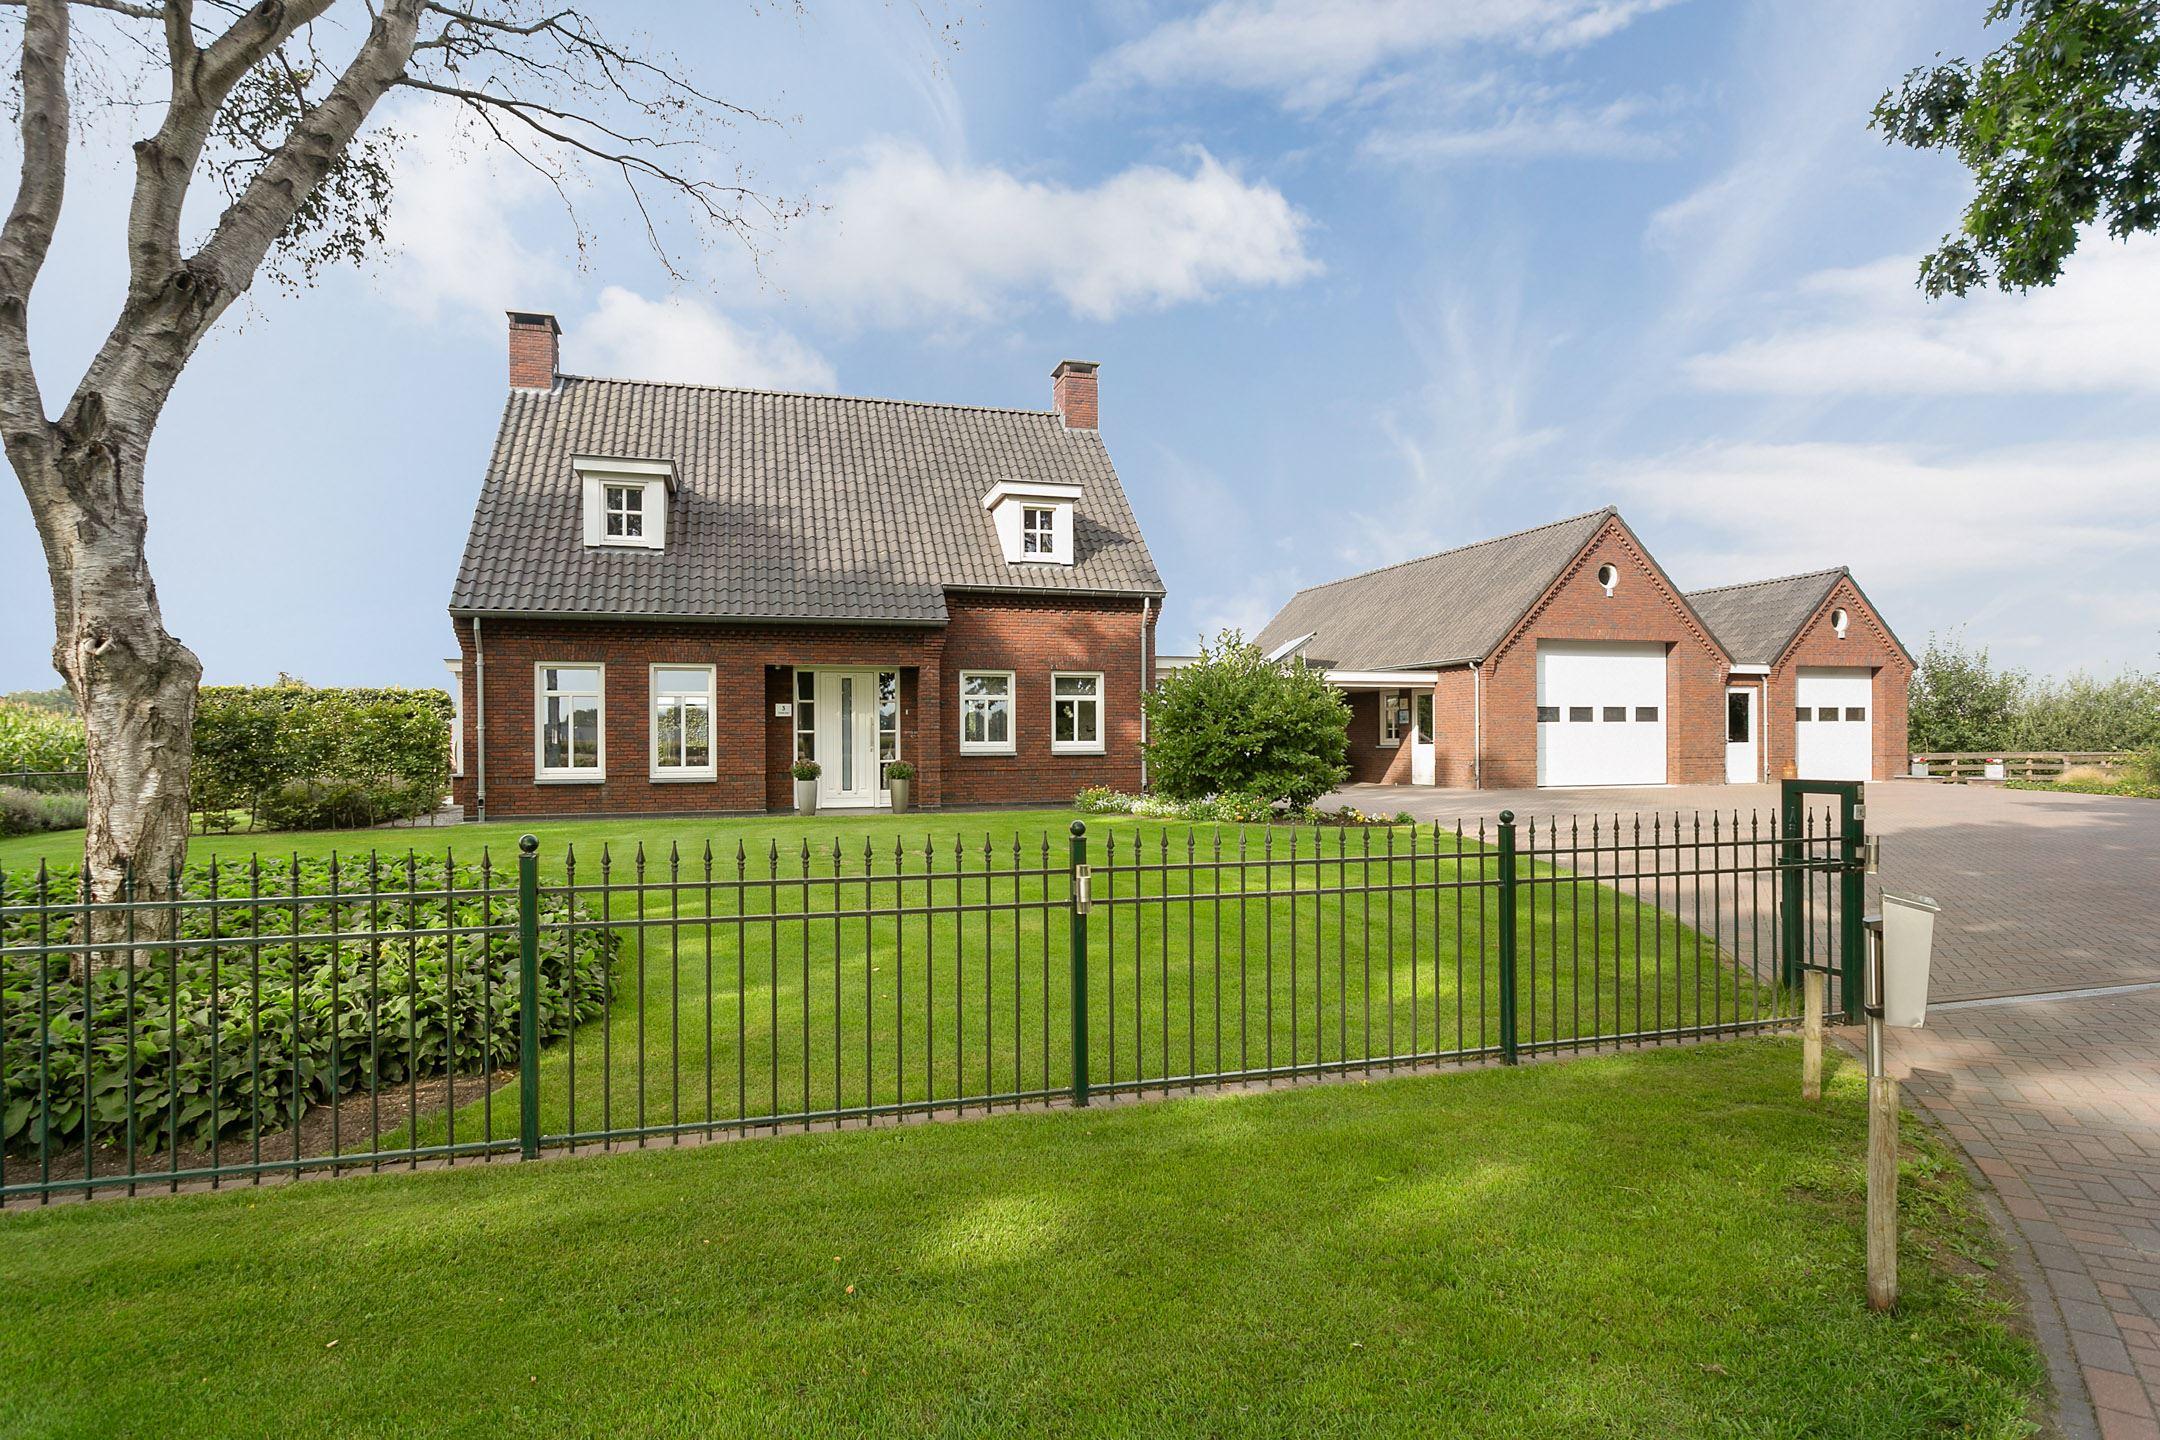 Huis te koop: padbrugseweg 3 5752 rm deurne [funda]